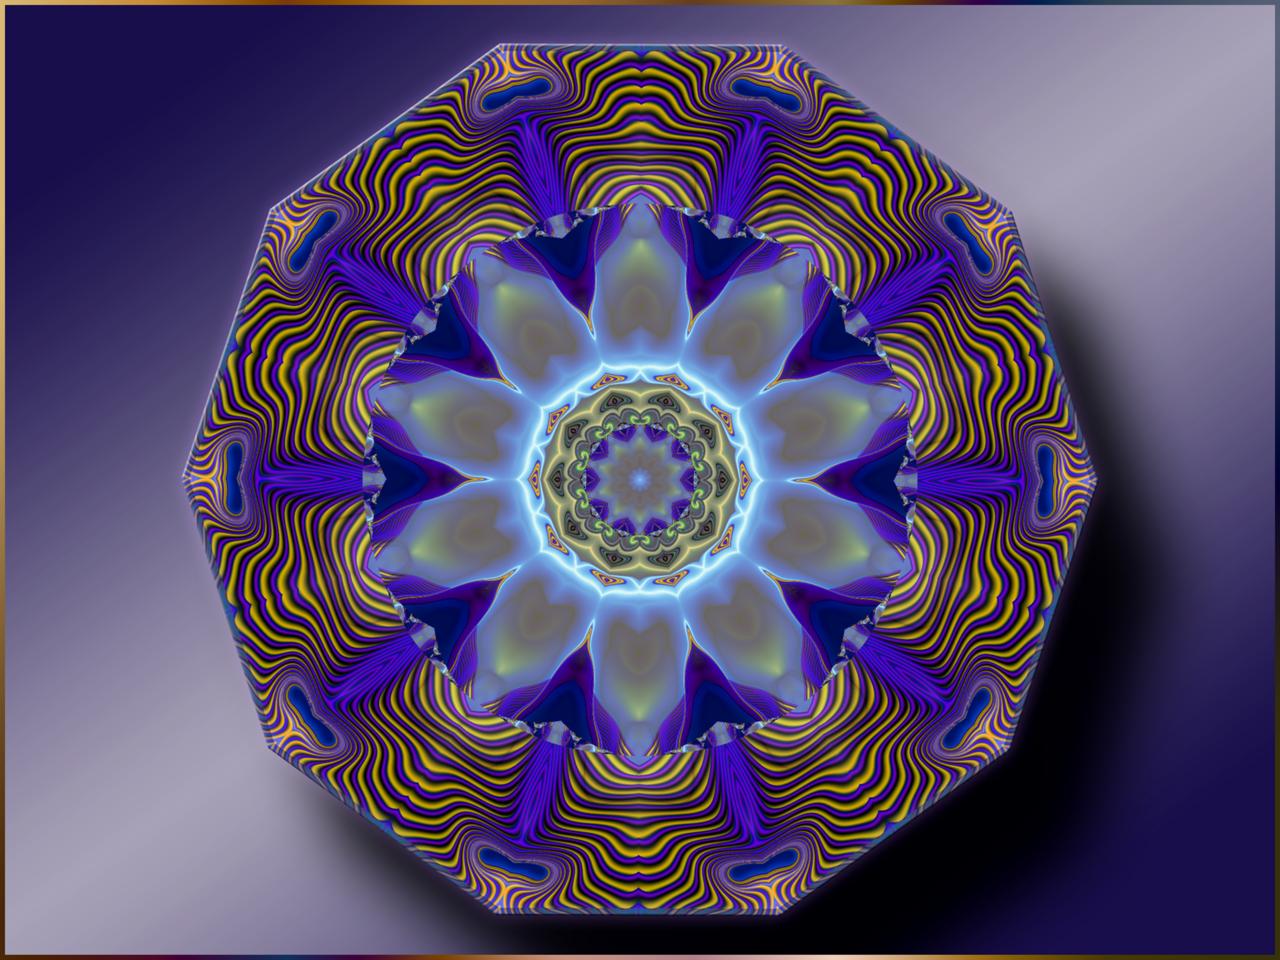 Neptun Welten - myteriös und mystisch. Undine ©scrano 2015